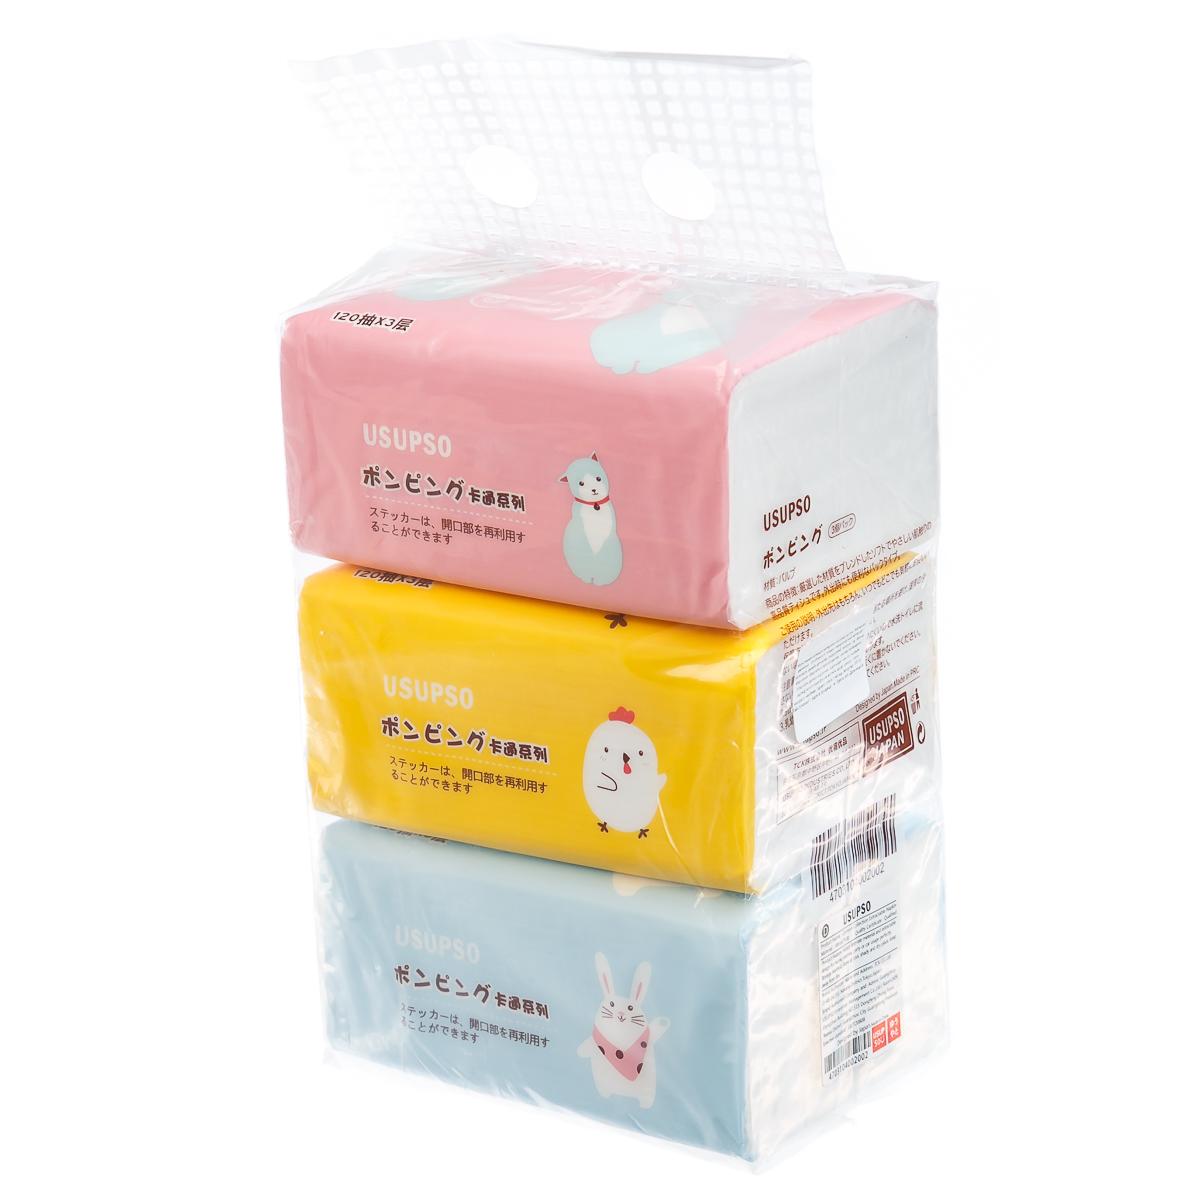 Бумажные носовые платочки, салфетки, мультяшный рисунок, 3 упаковки